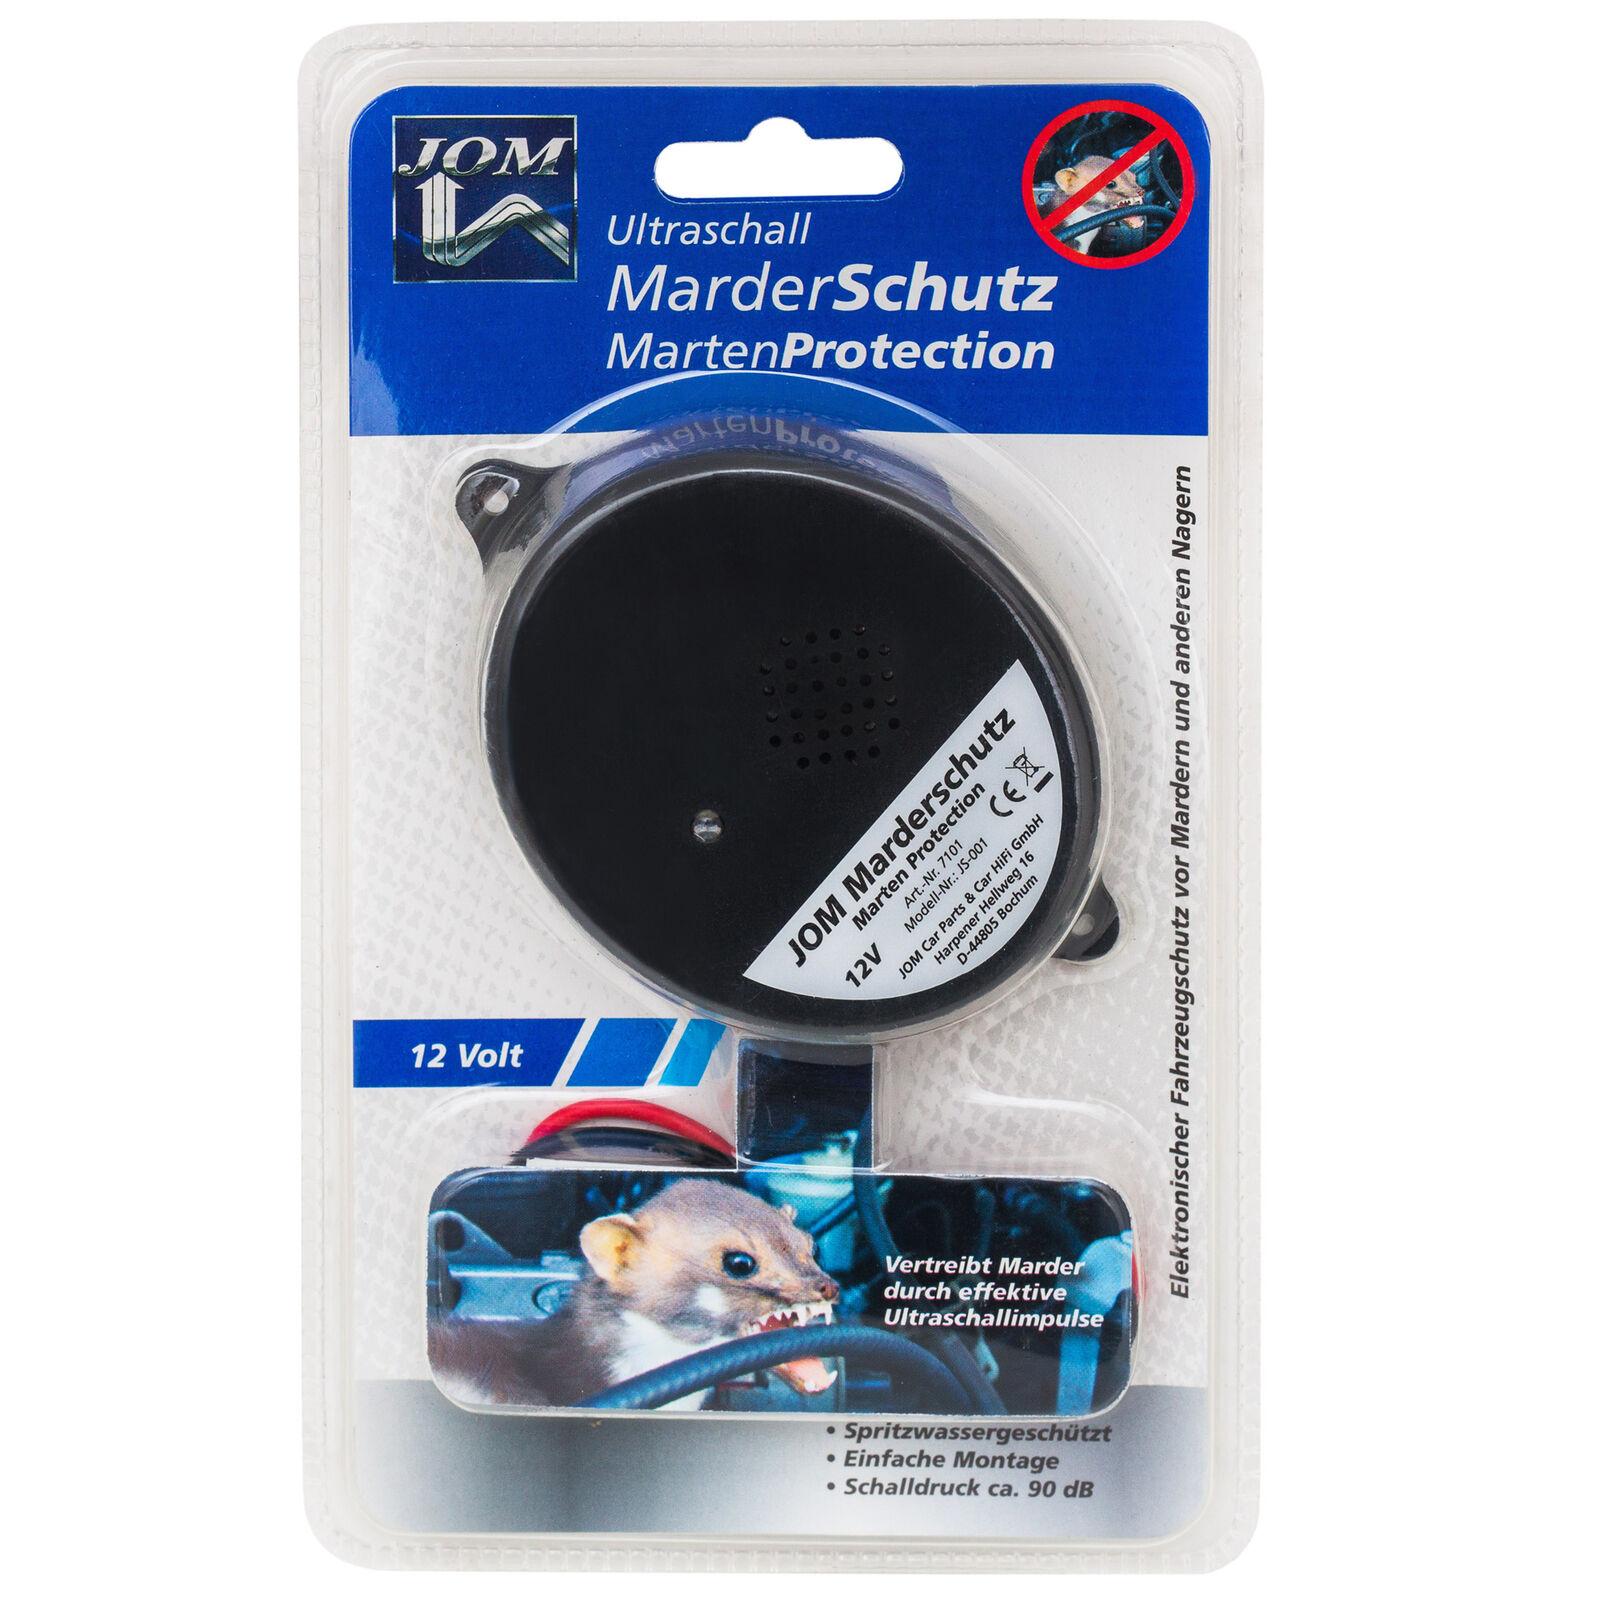 JOM Marderabwehrgerät MARDER Ultraschall Marderschutz 12 Volt />NEU/<